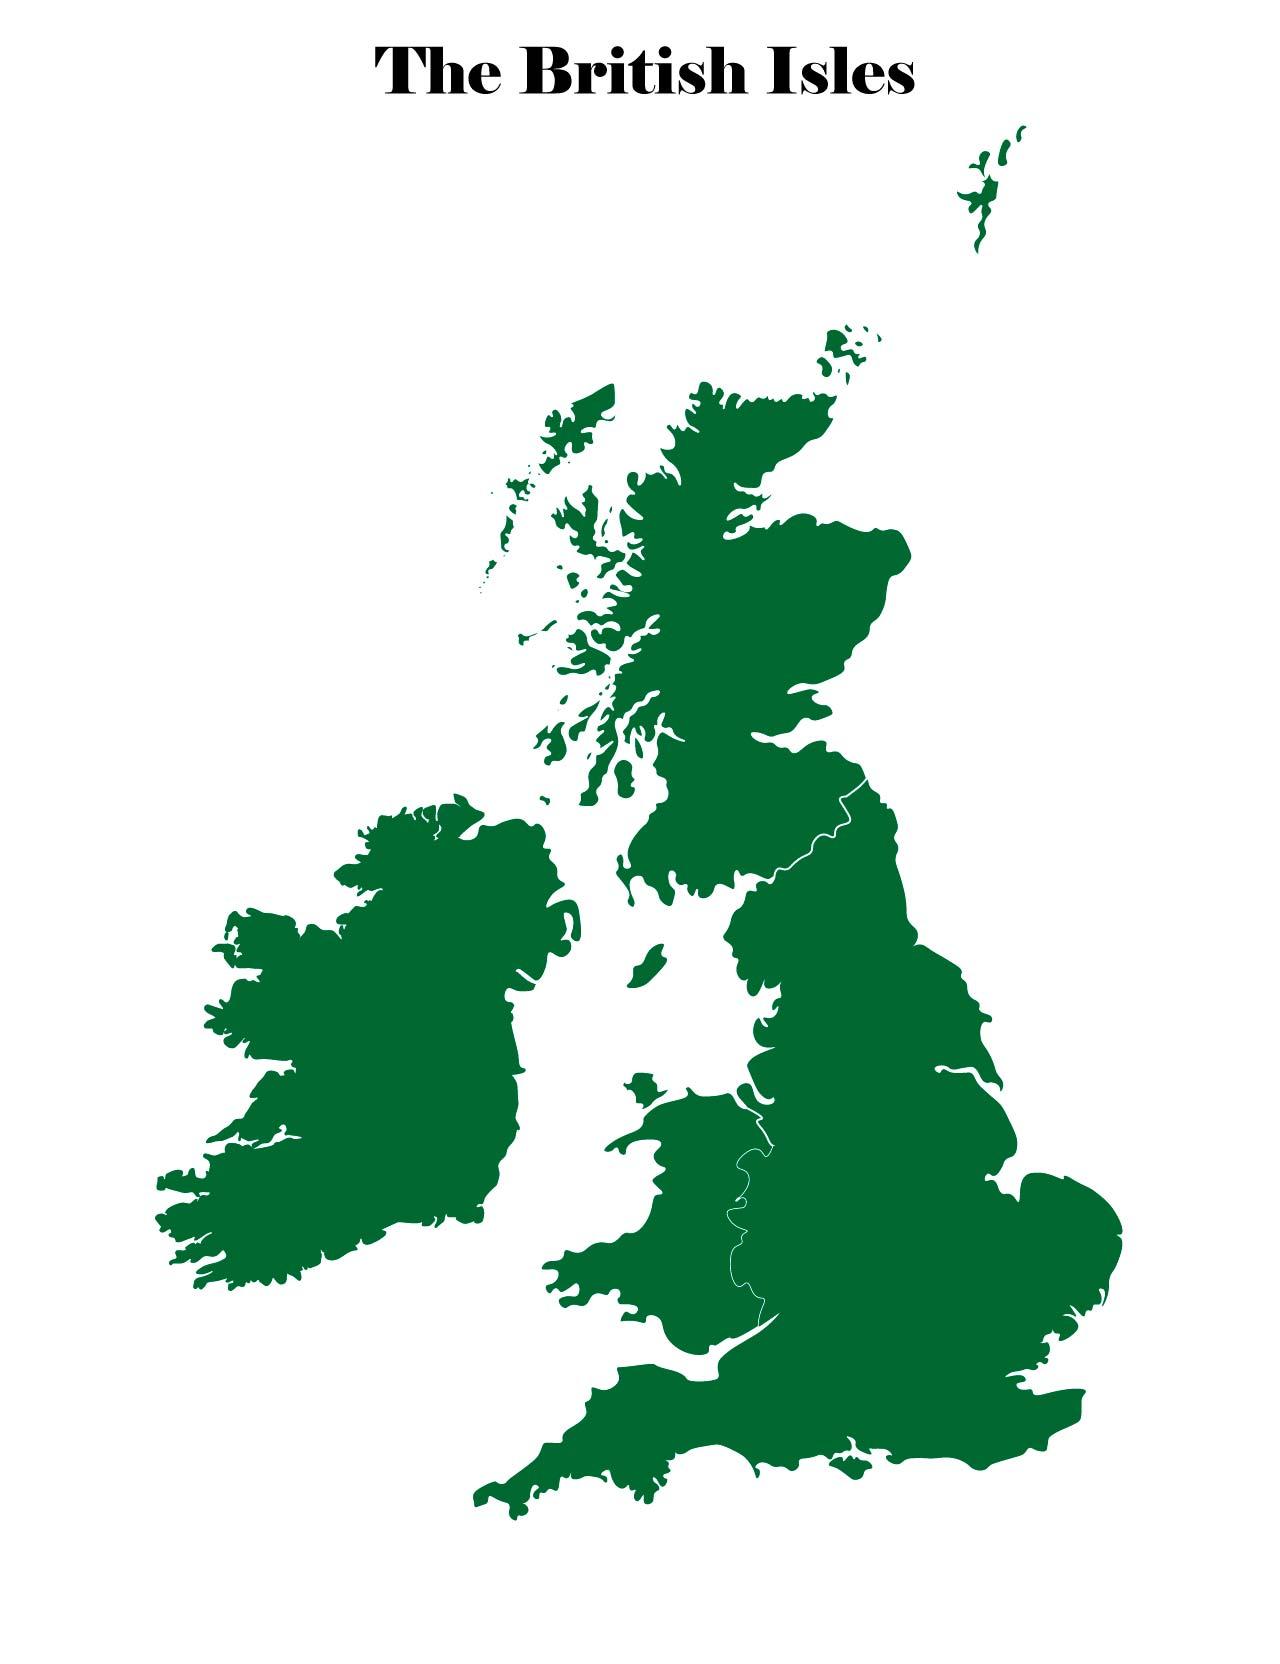 Англия и Великобритания разница